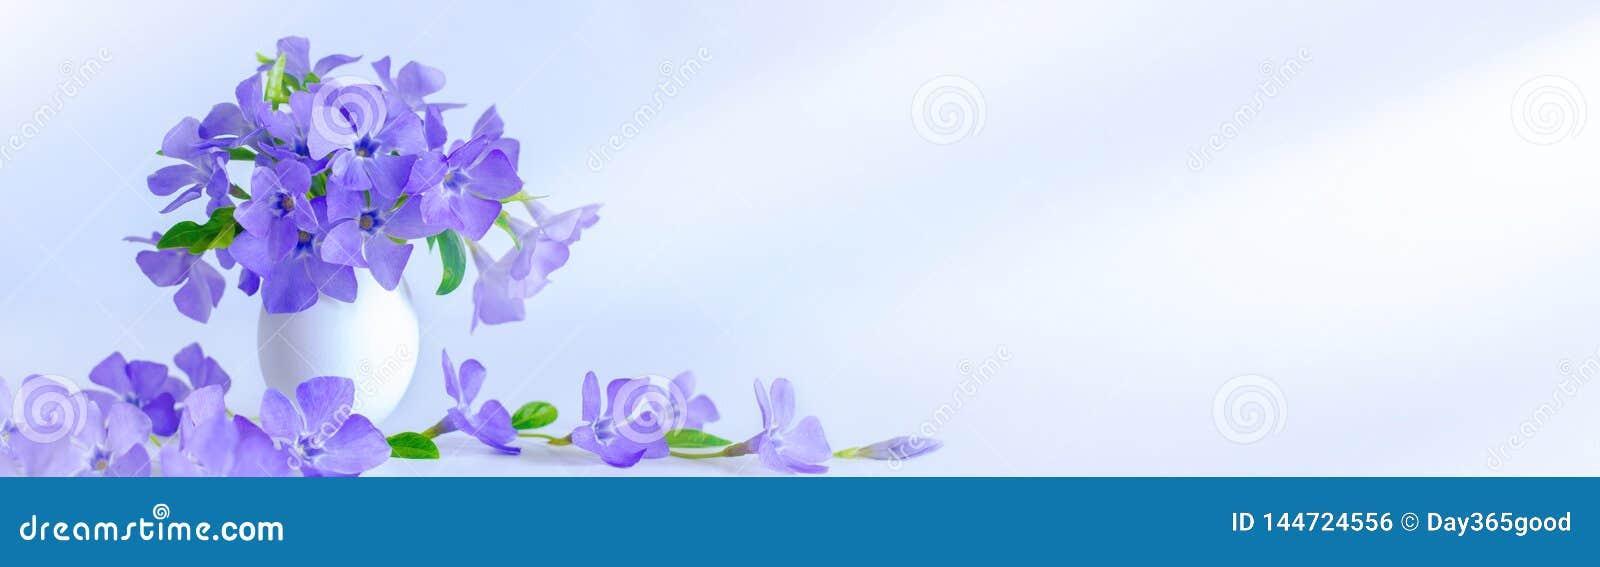 Easter egg and sprig blue flowers on blue background. Easter decoration